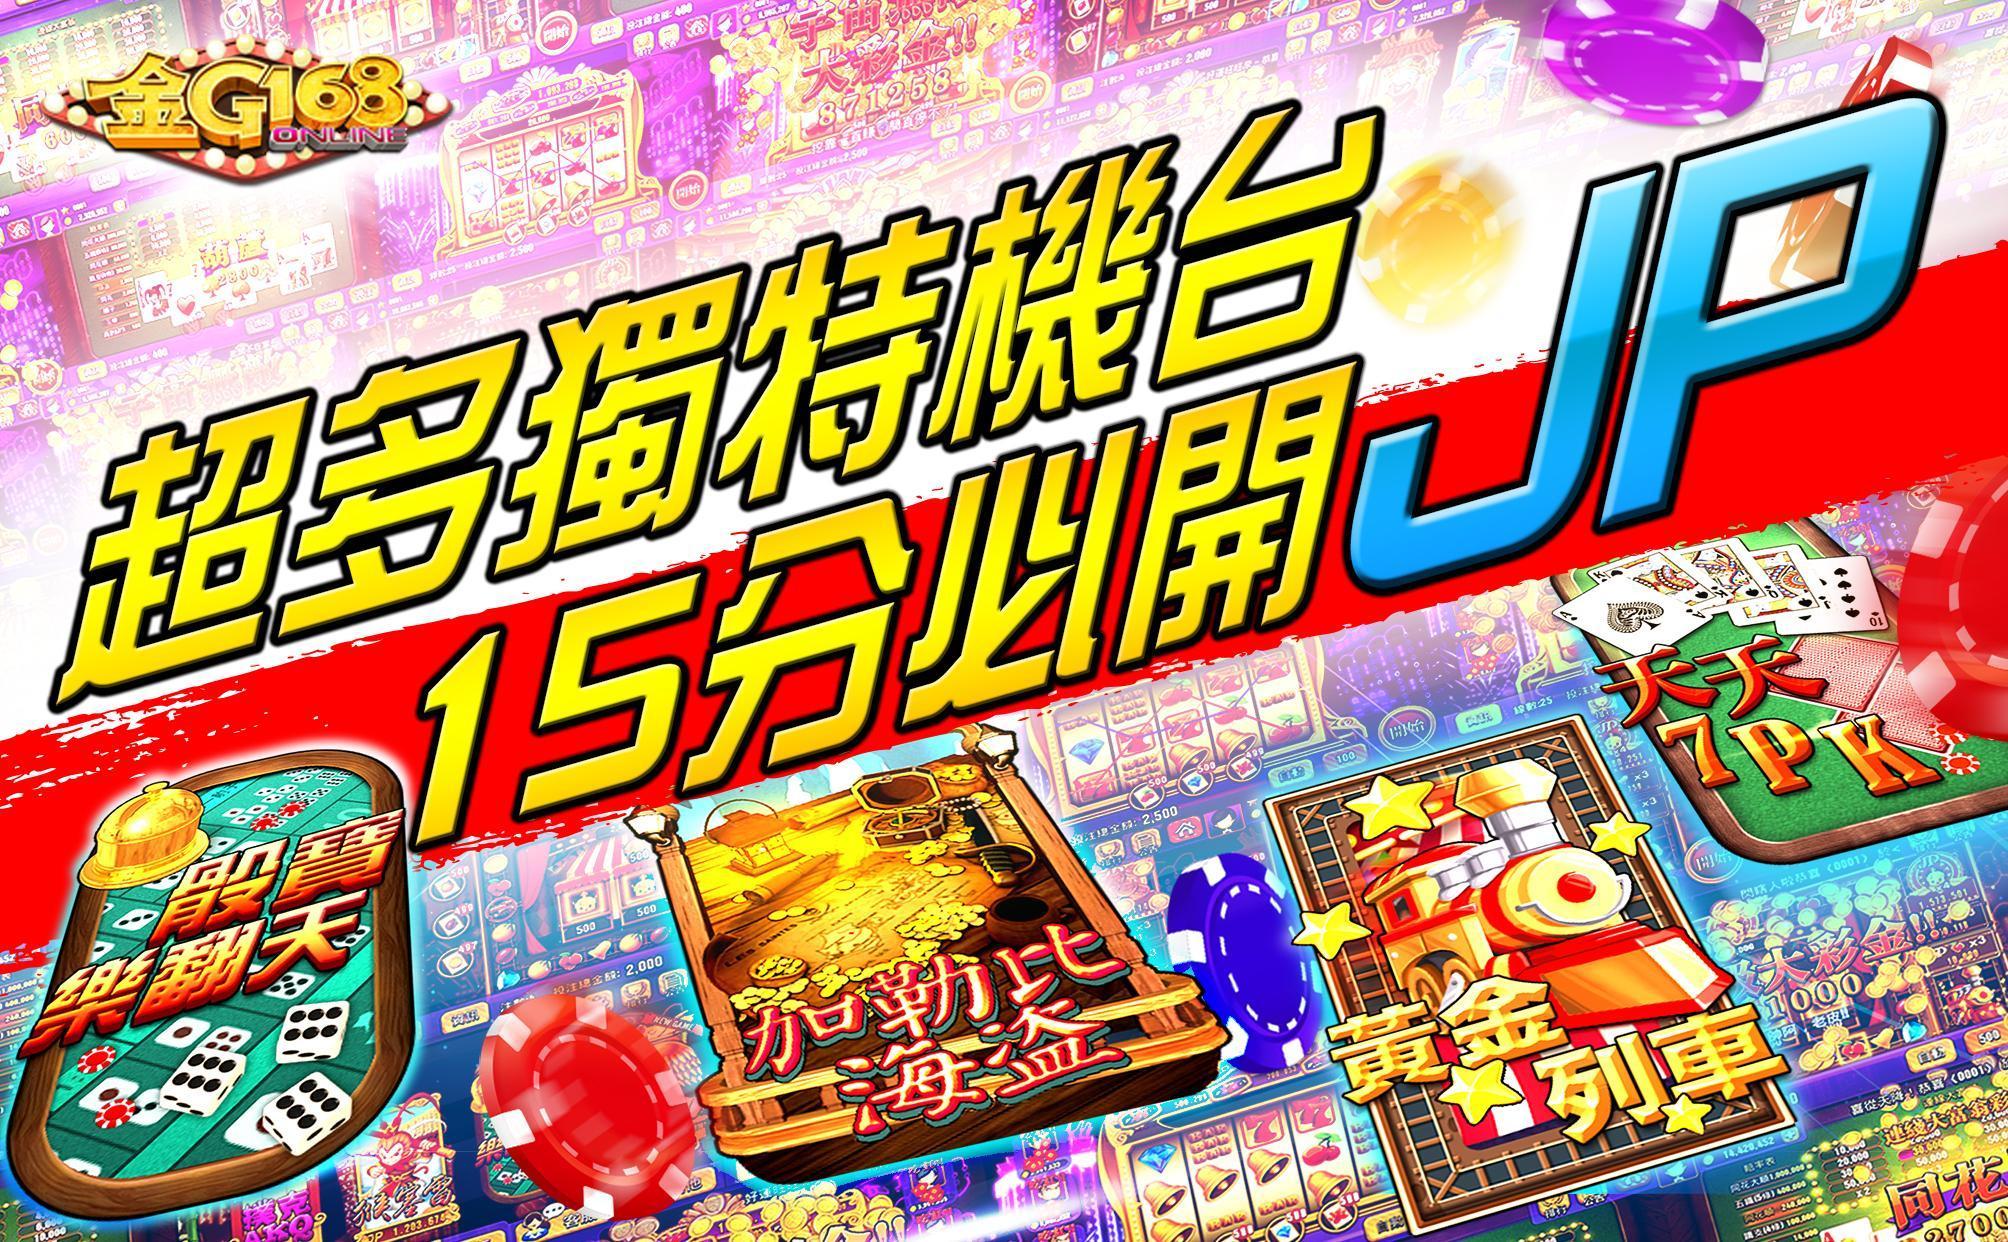 金G168 Casino -老虎機,7PK撲克,小瑪莉,骰寶 1.1.23 Screenshot 4